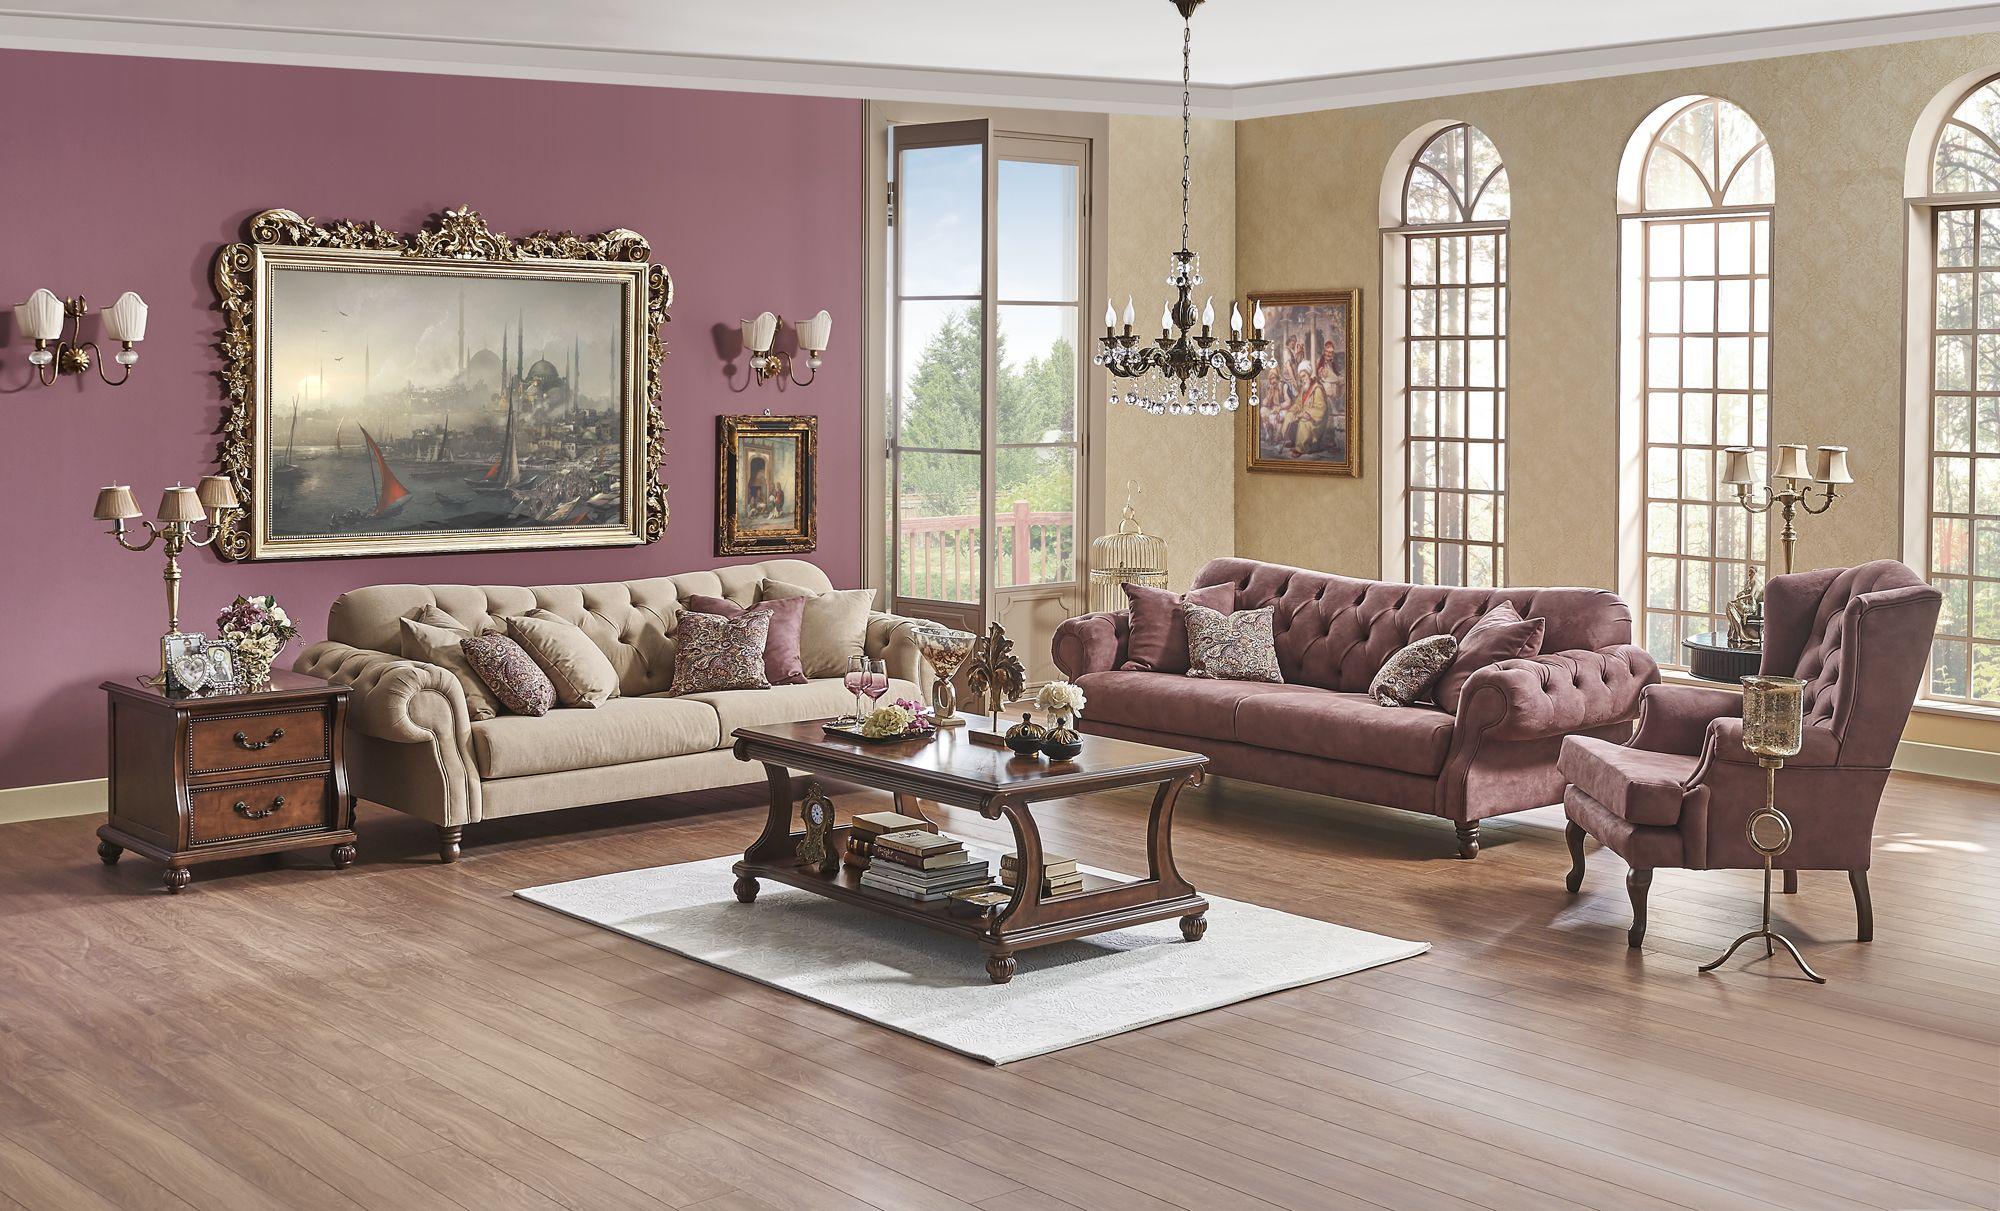 tepehome salontakimi koltuk kanepe mobilya evdekorasyonu seat sofa furniture homedecor mobilya yatak odasi dekorasyon fikirleri ve oturma odasi tasarimlari